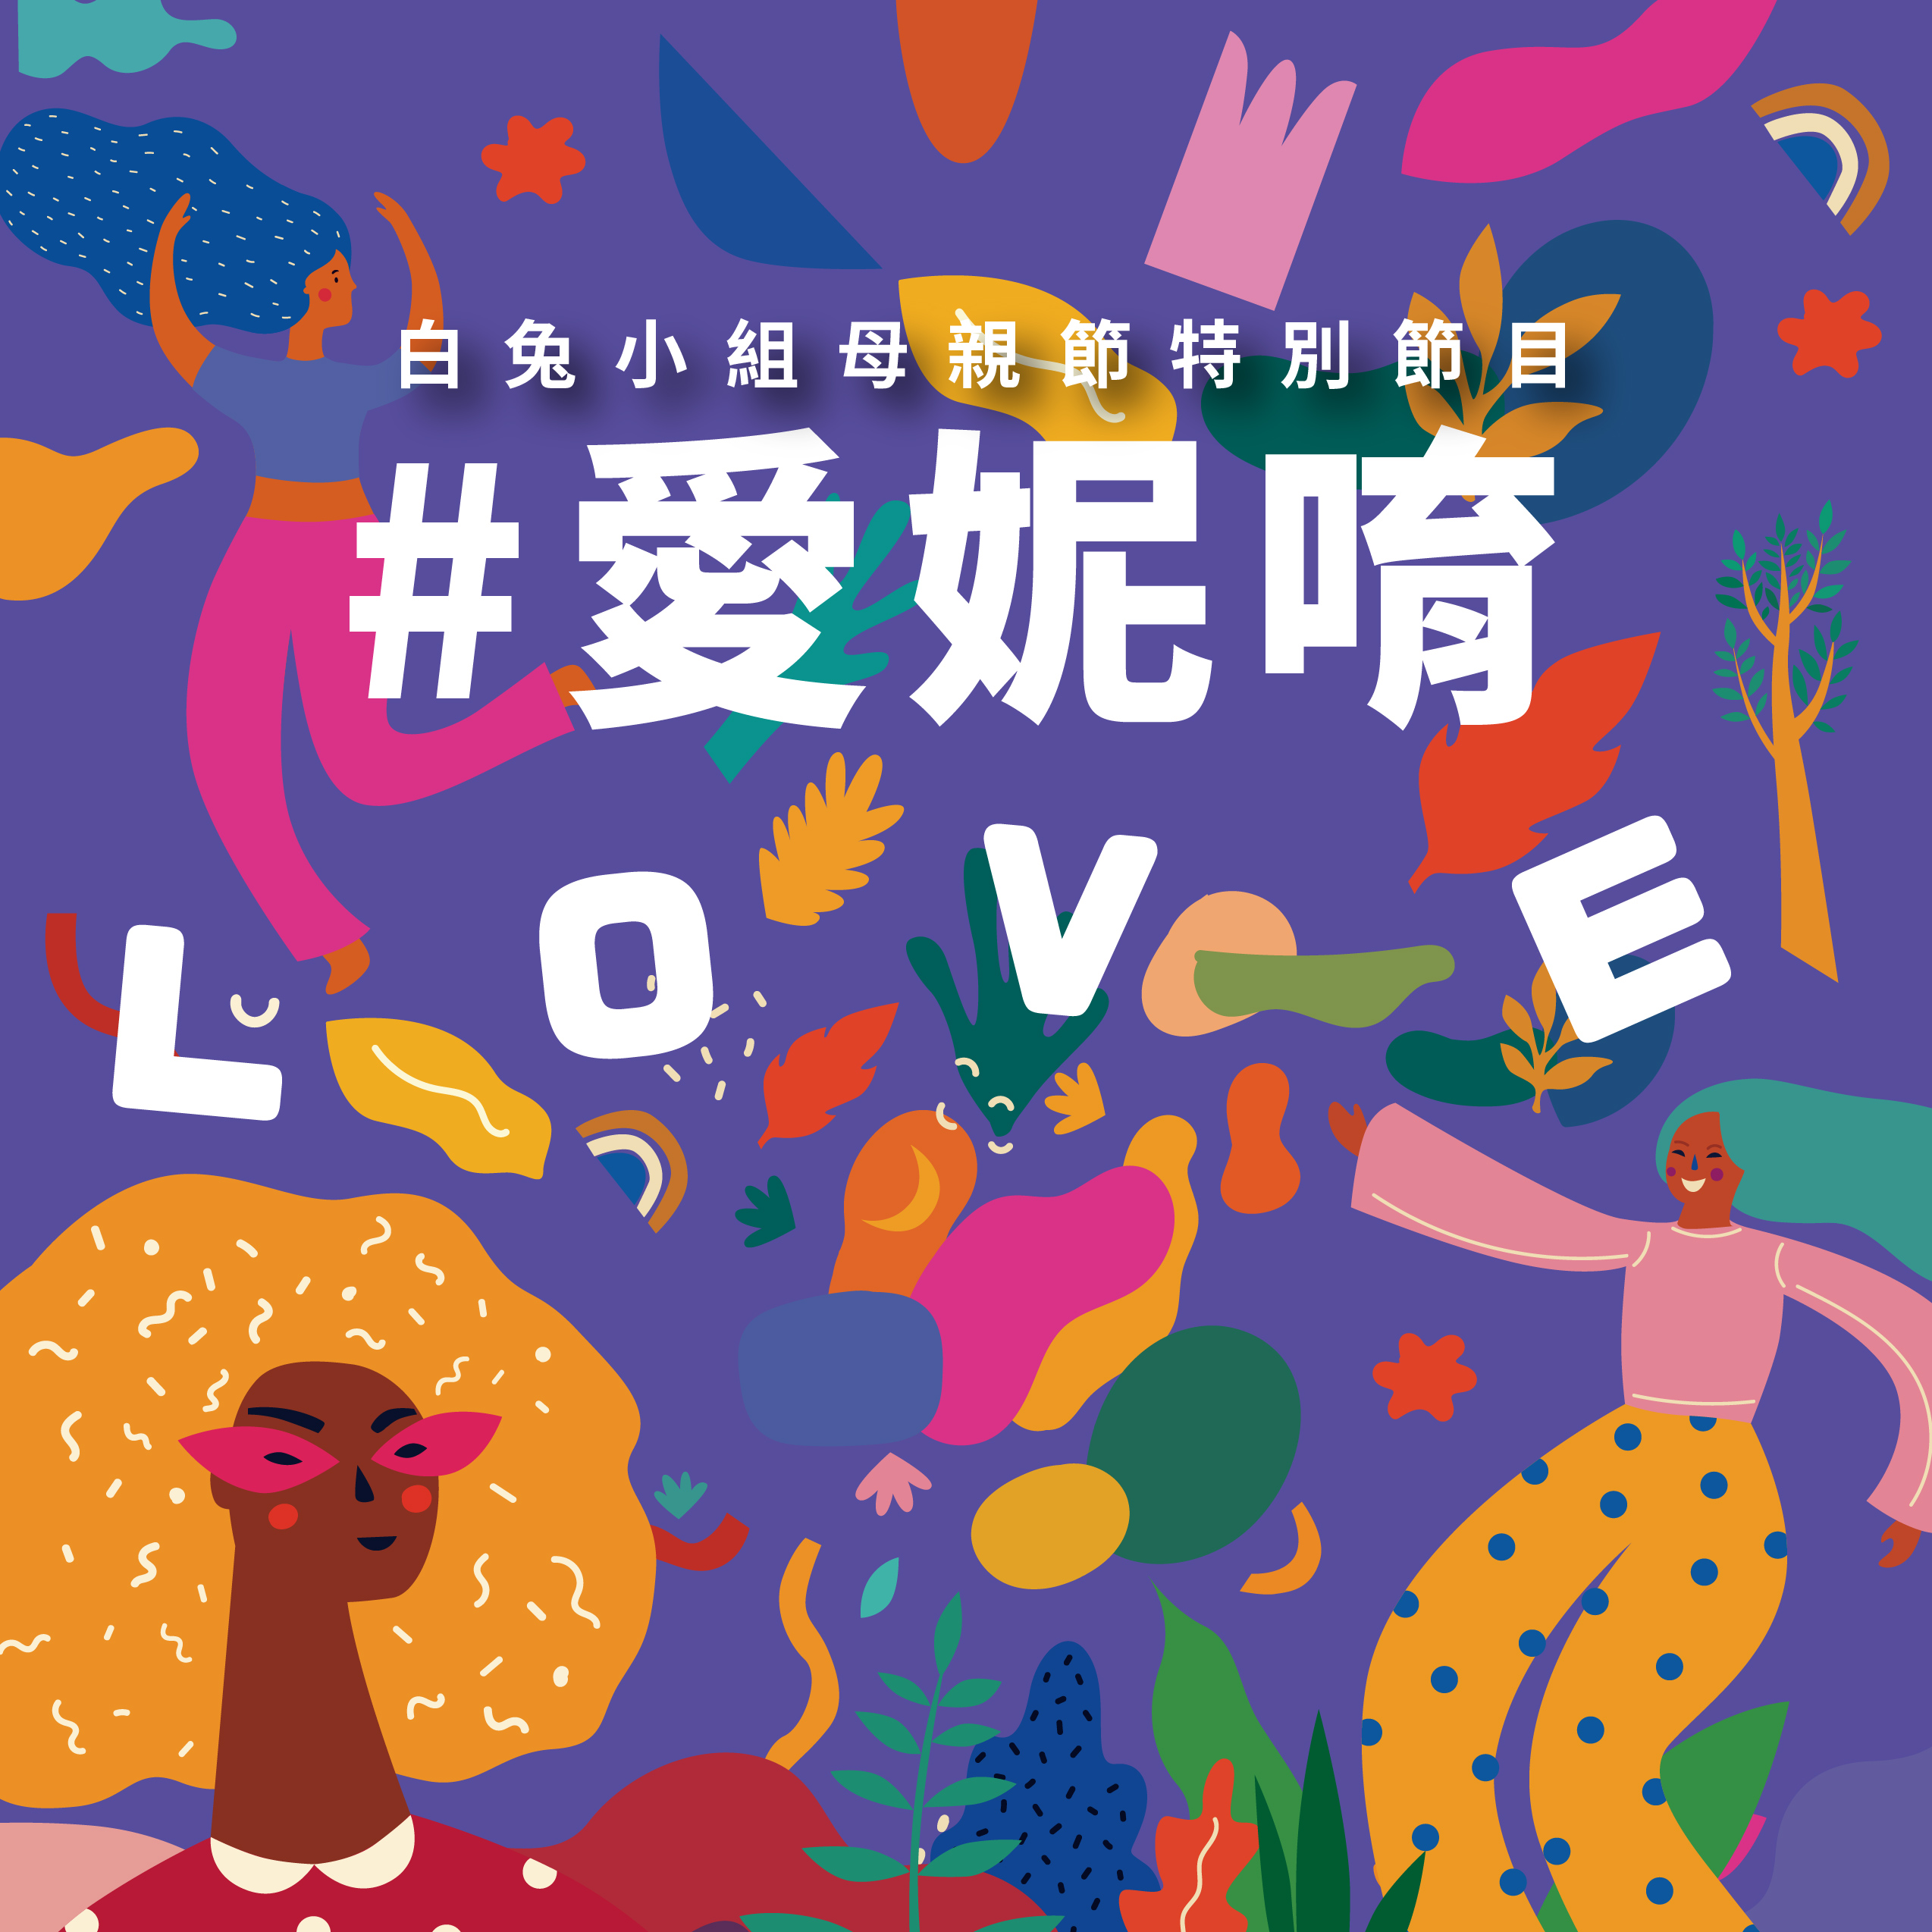 愛妮唷 白兔小組母親節特別節目ep.0